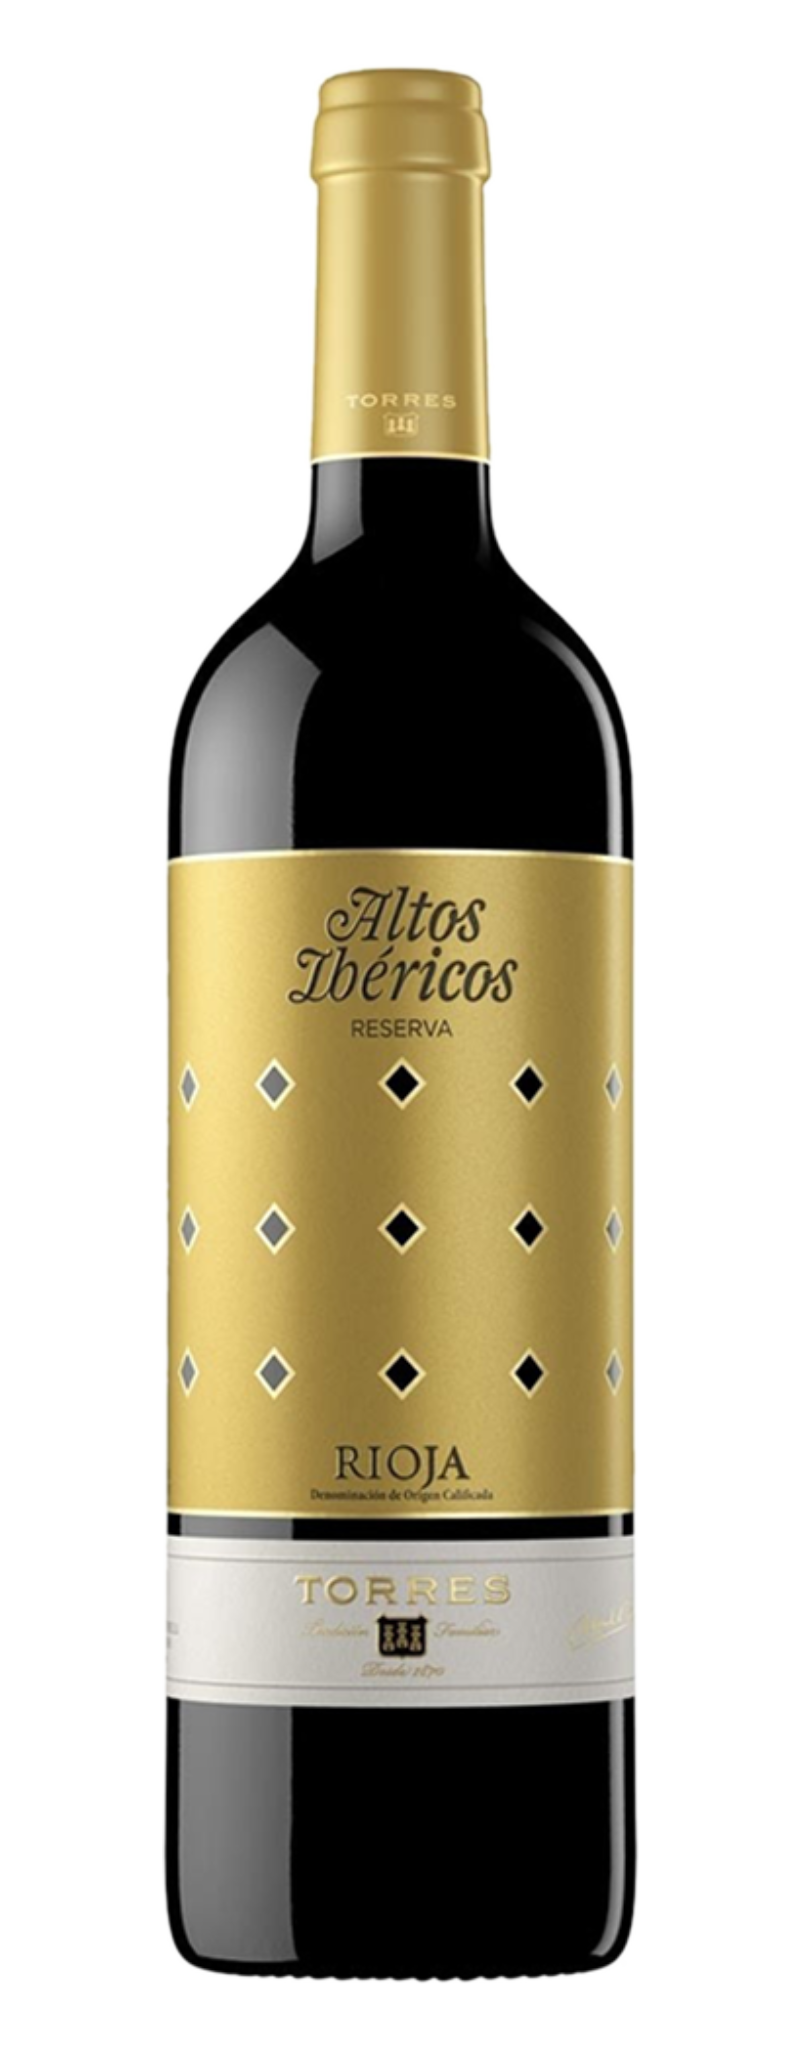 Torres, Altos Ibericos Reserva, Rioja DOCa  - 750ml